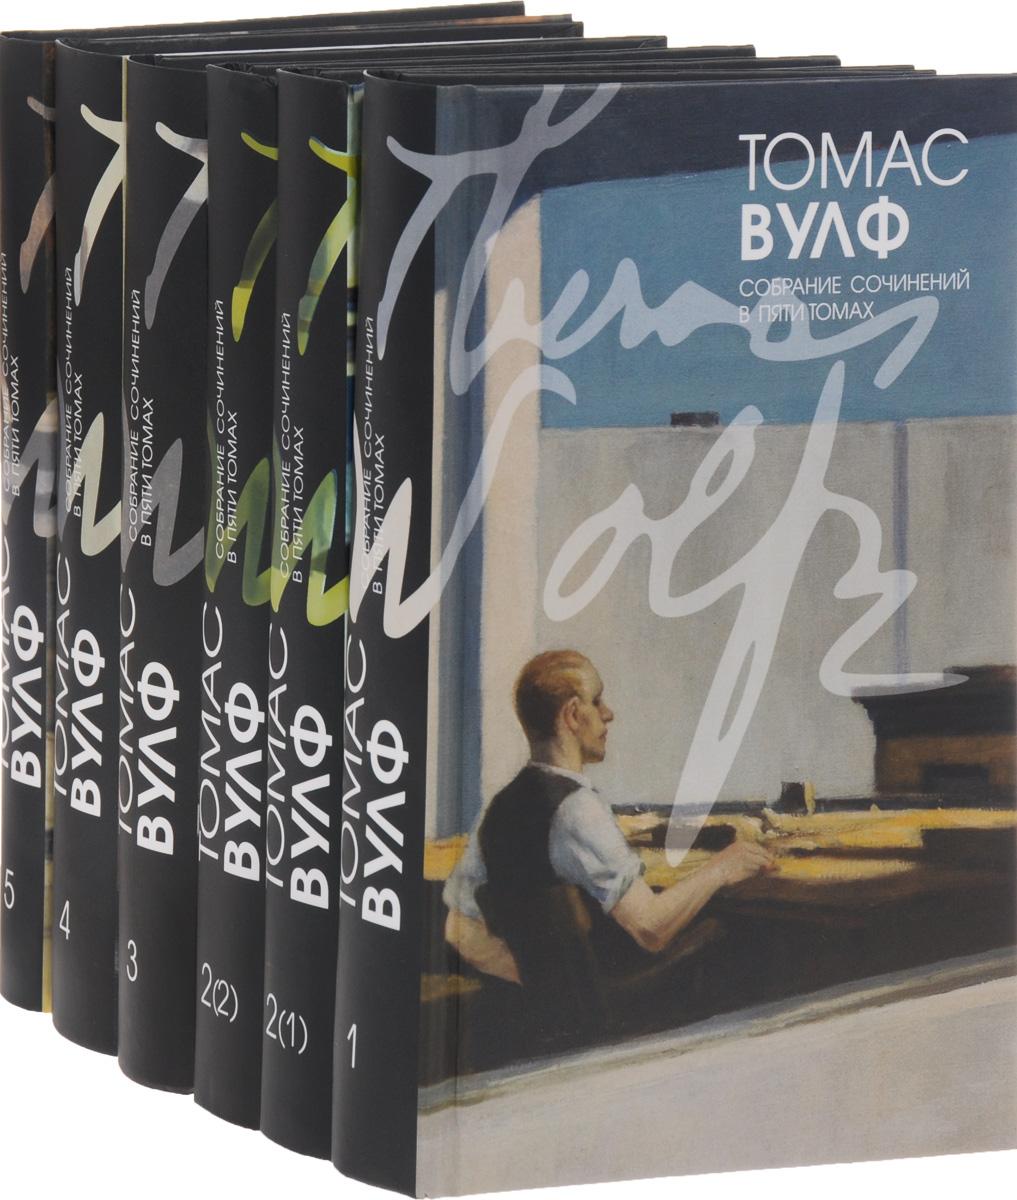 Томас Вулф Томас Вулф. Собрание сочинений в 5 томах (комплект из 6 книг) томас вулф взгляни на дом свой ангел